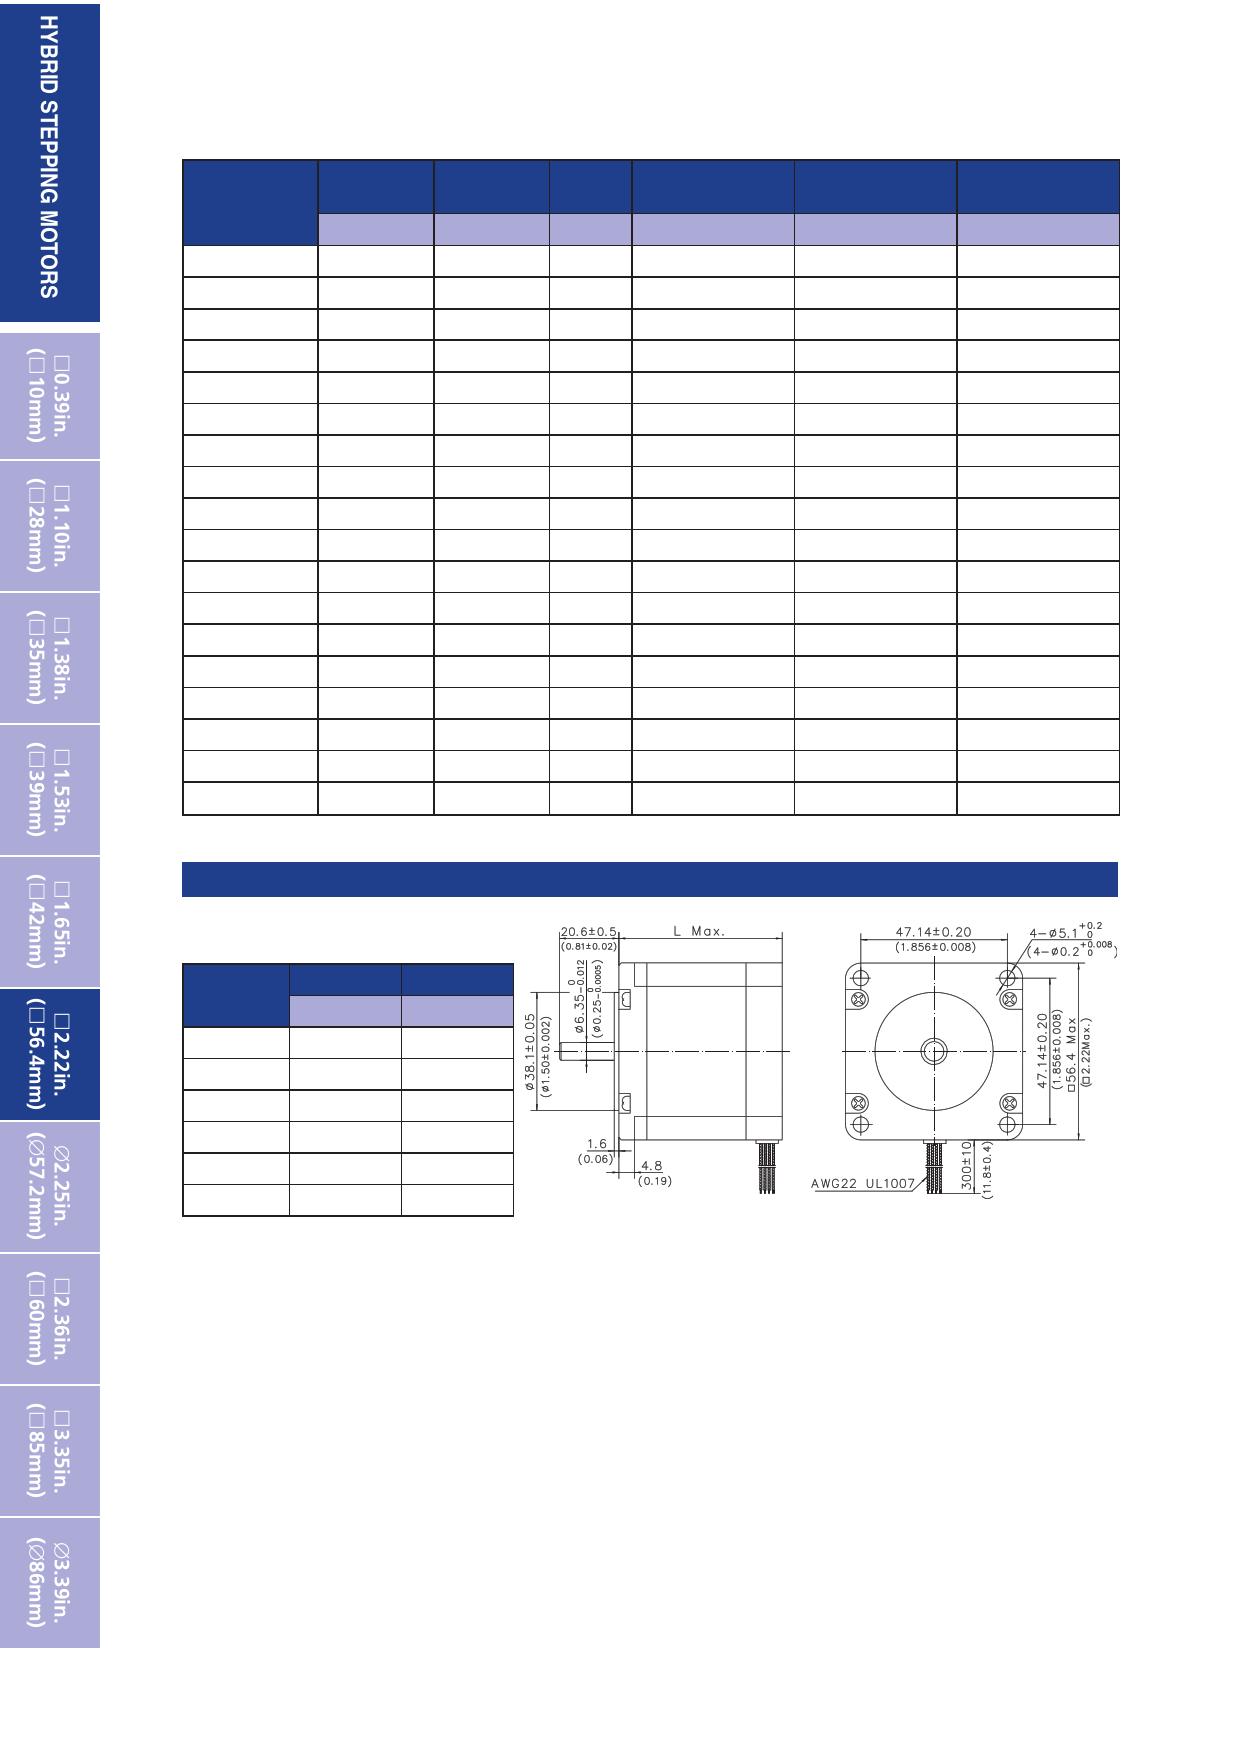 23HS3409 data sheet